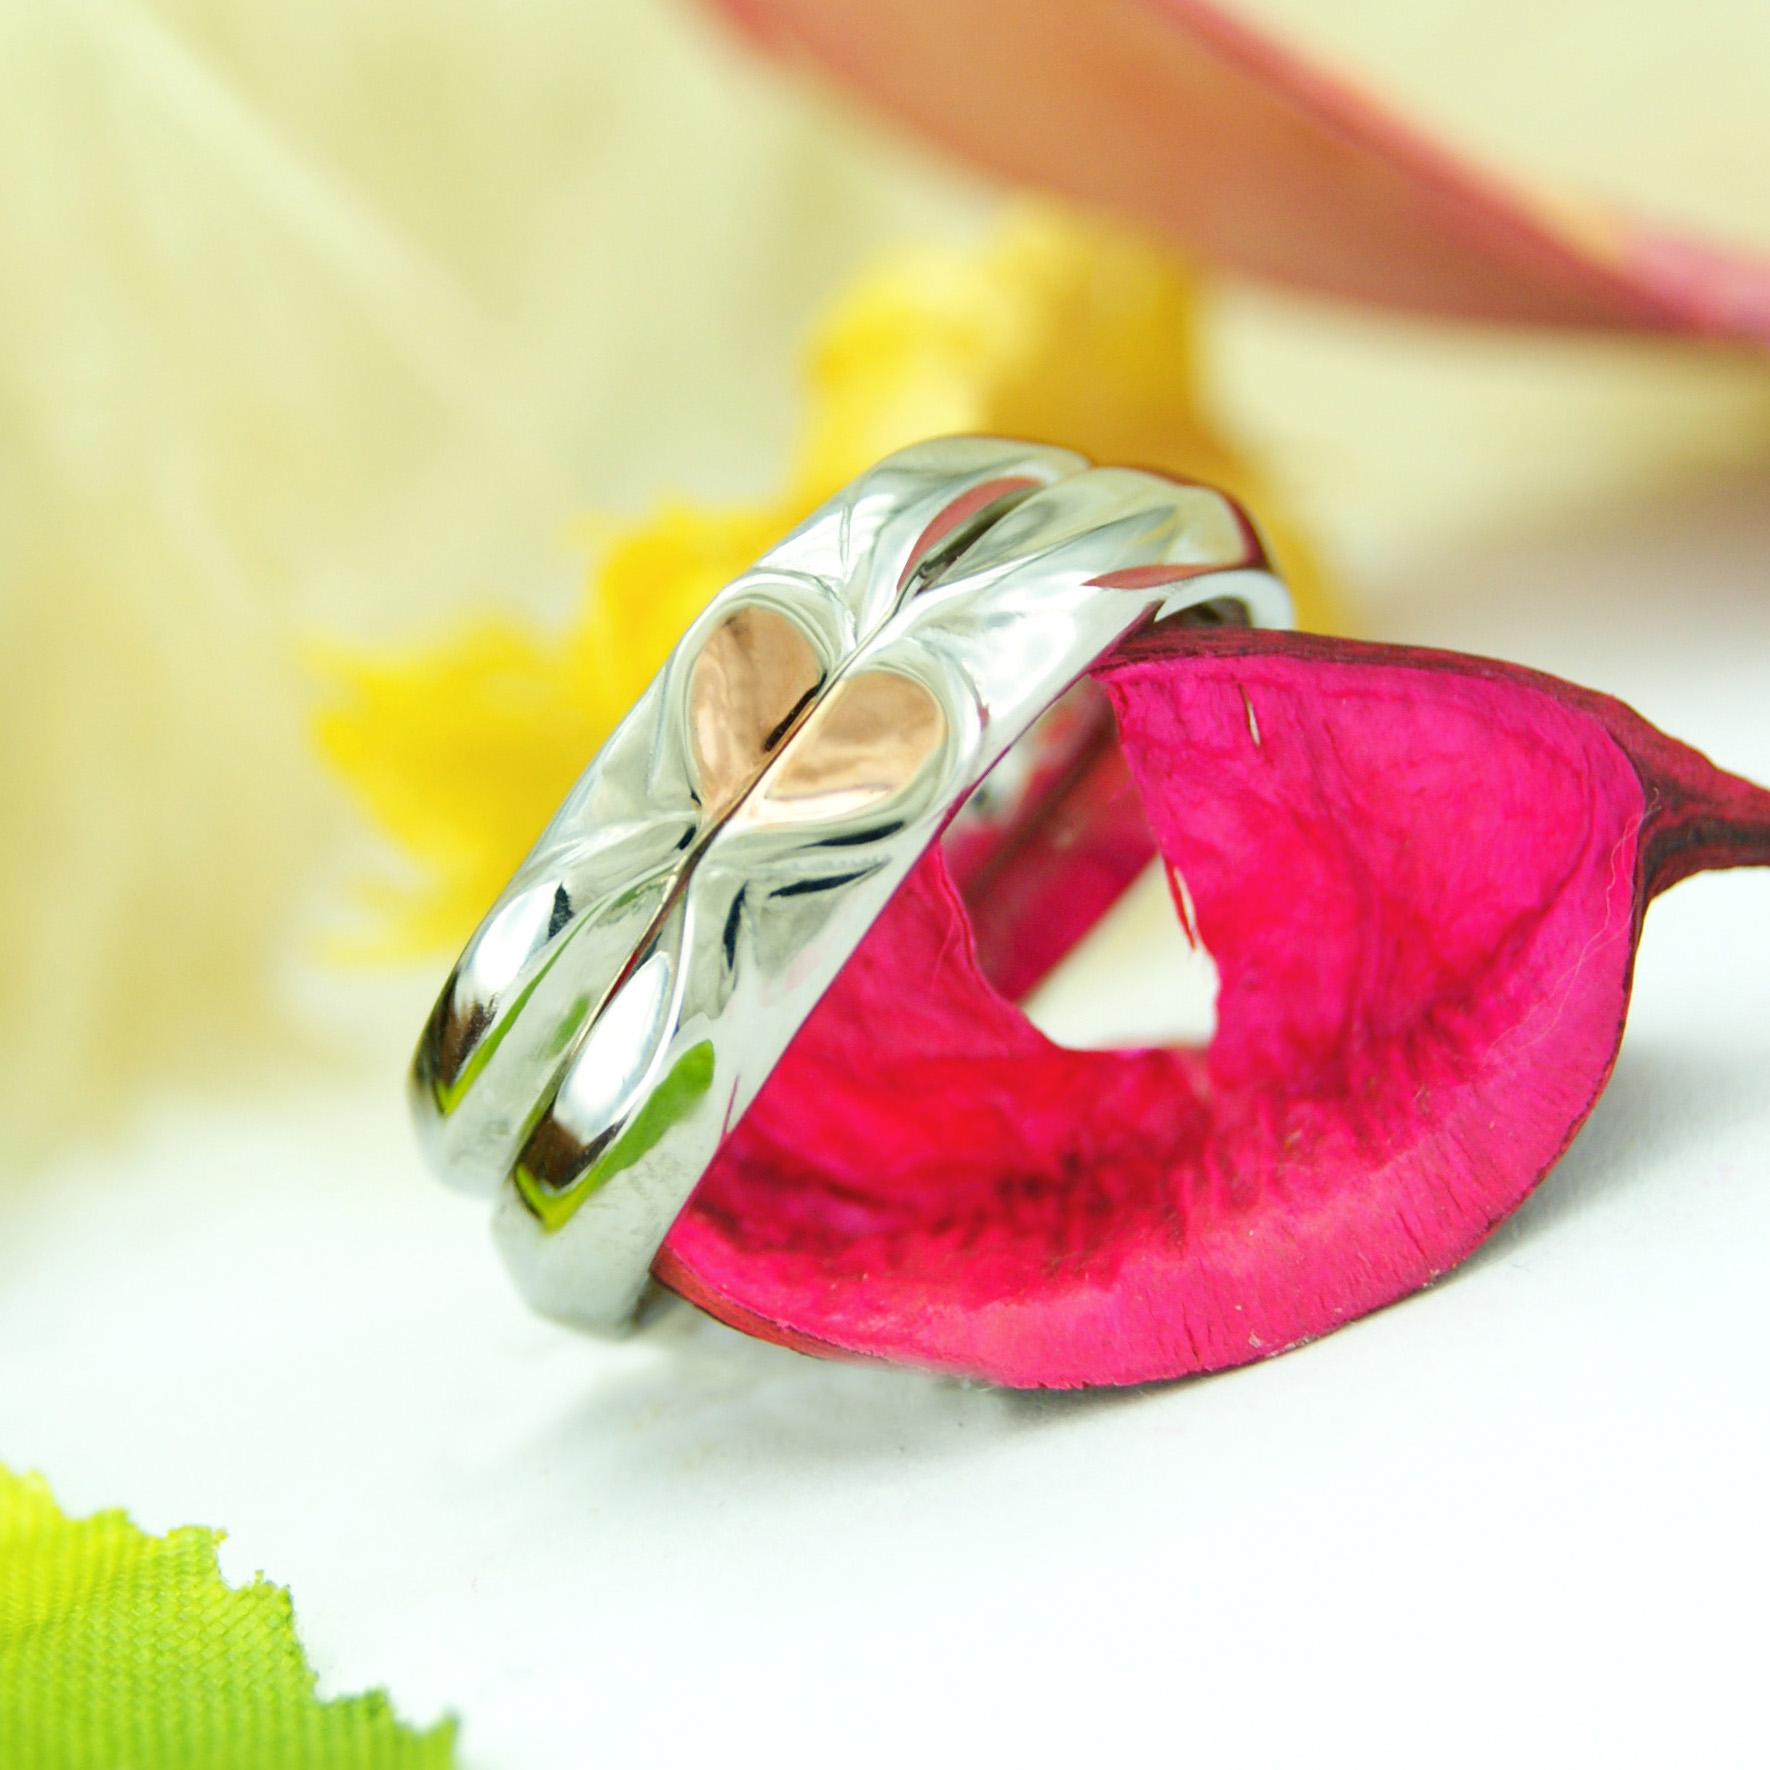 結婚指輪 オーダーメイド kazariyaYui 福島県郡山市 ハート